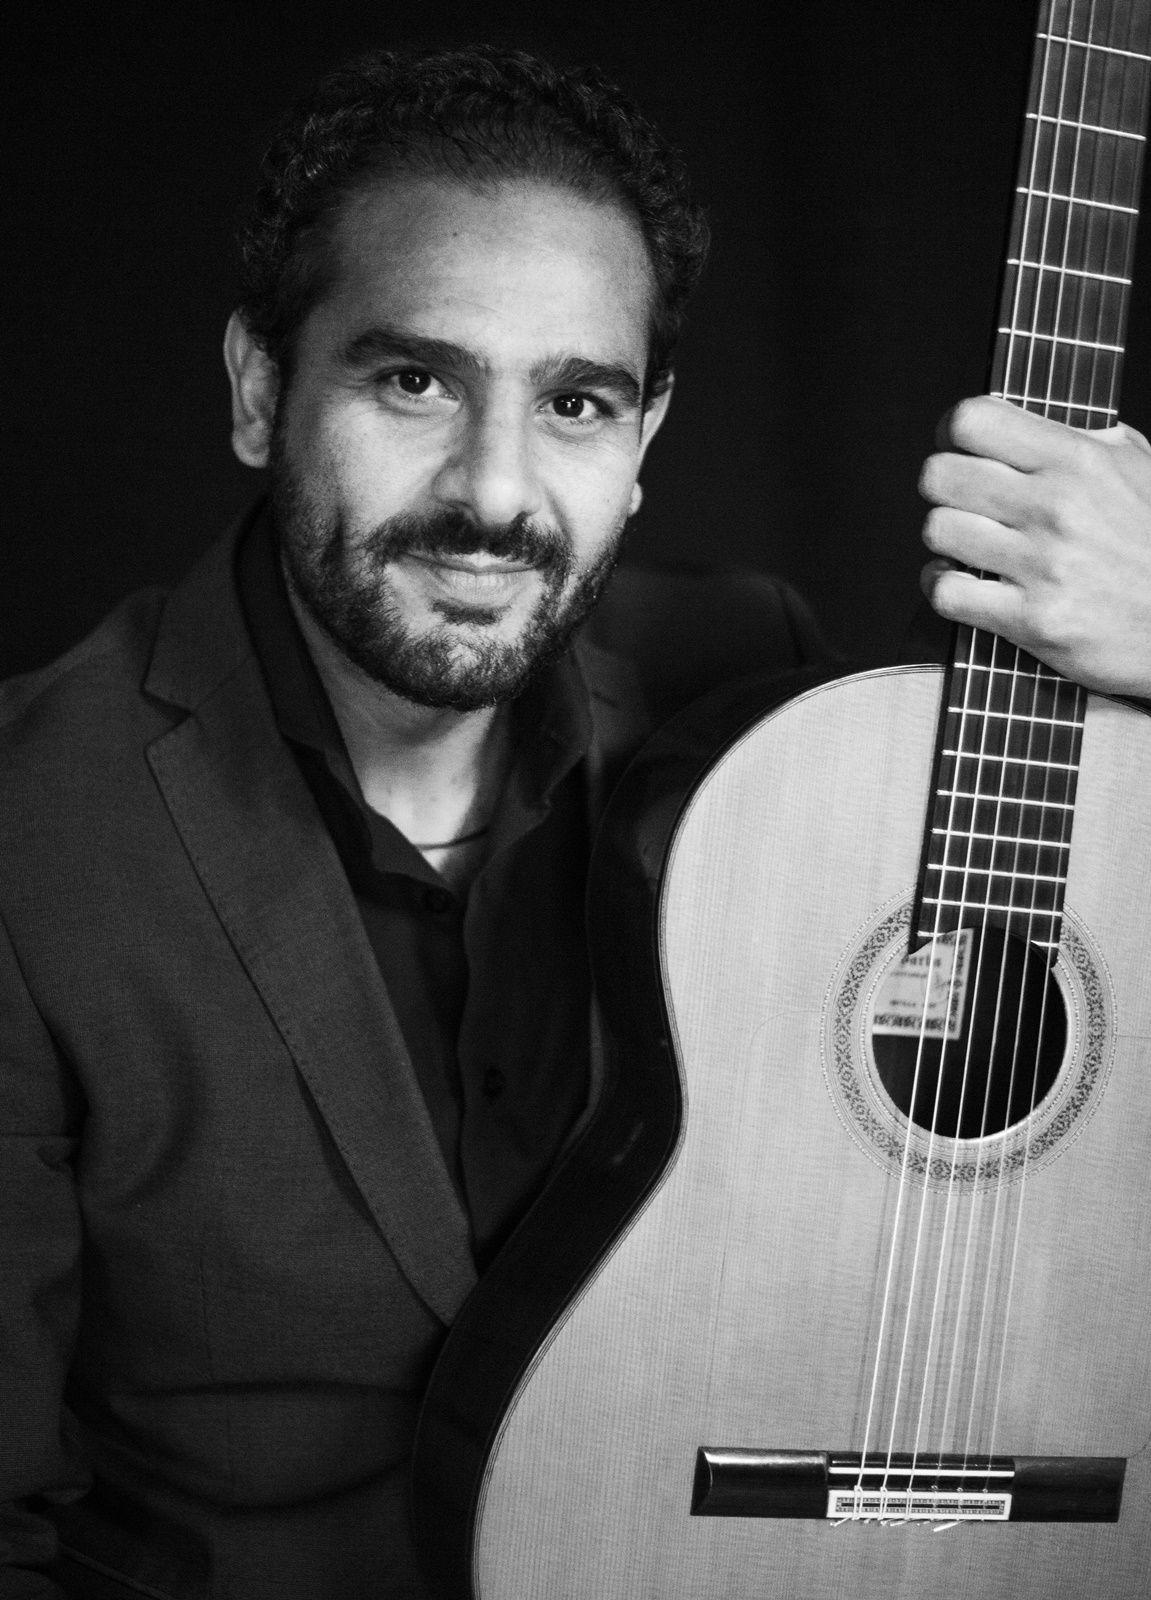 El artista jerezano Diego del Morao actúa en el Teatro Alhambra el 9 de noviembre